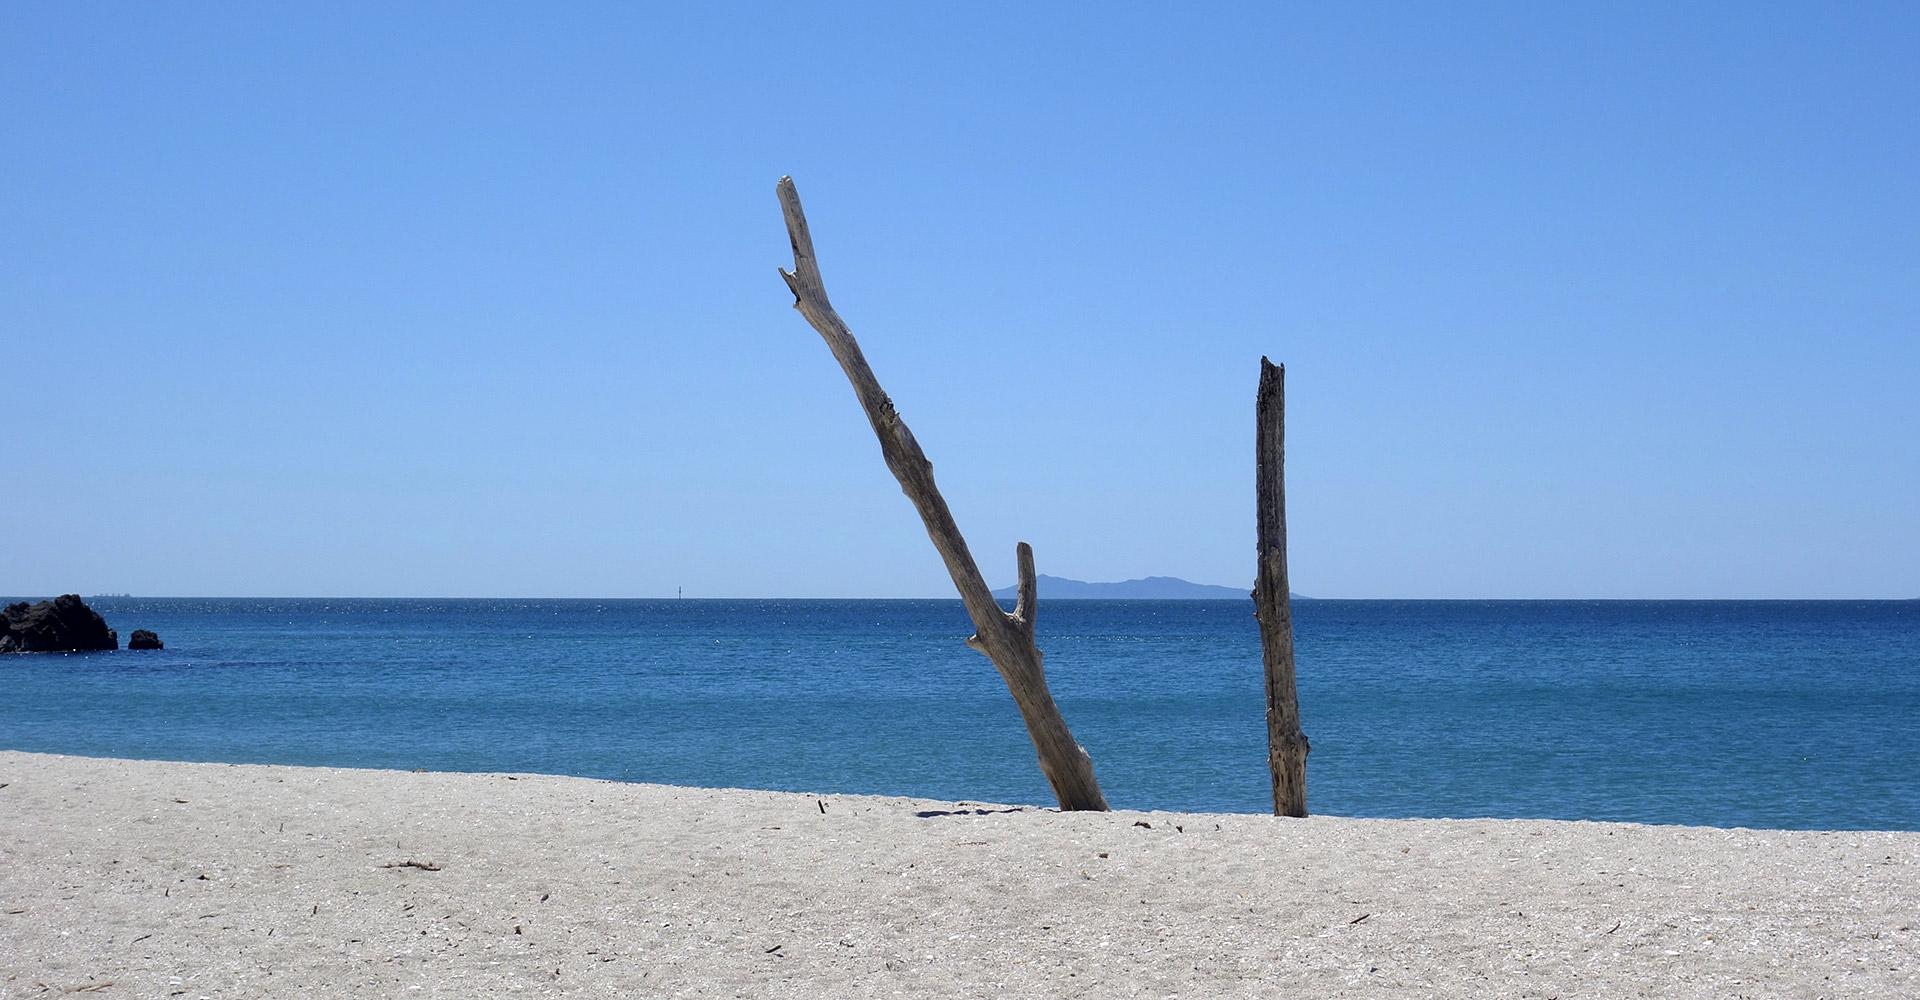 Strand, Meer, Himmel